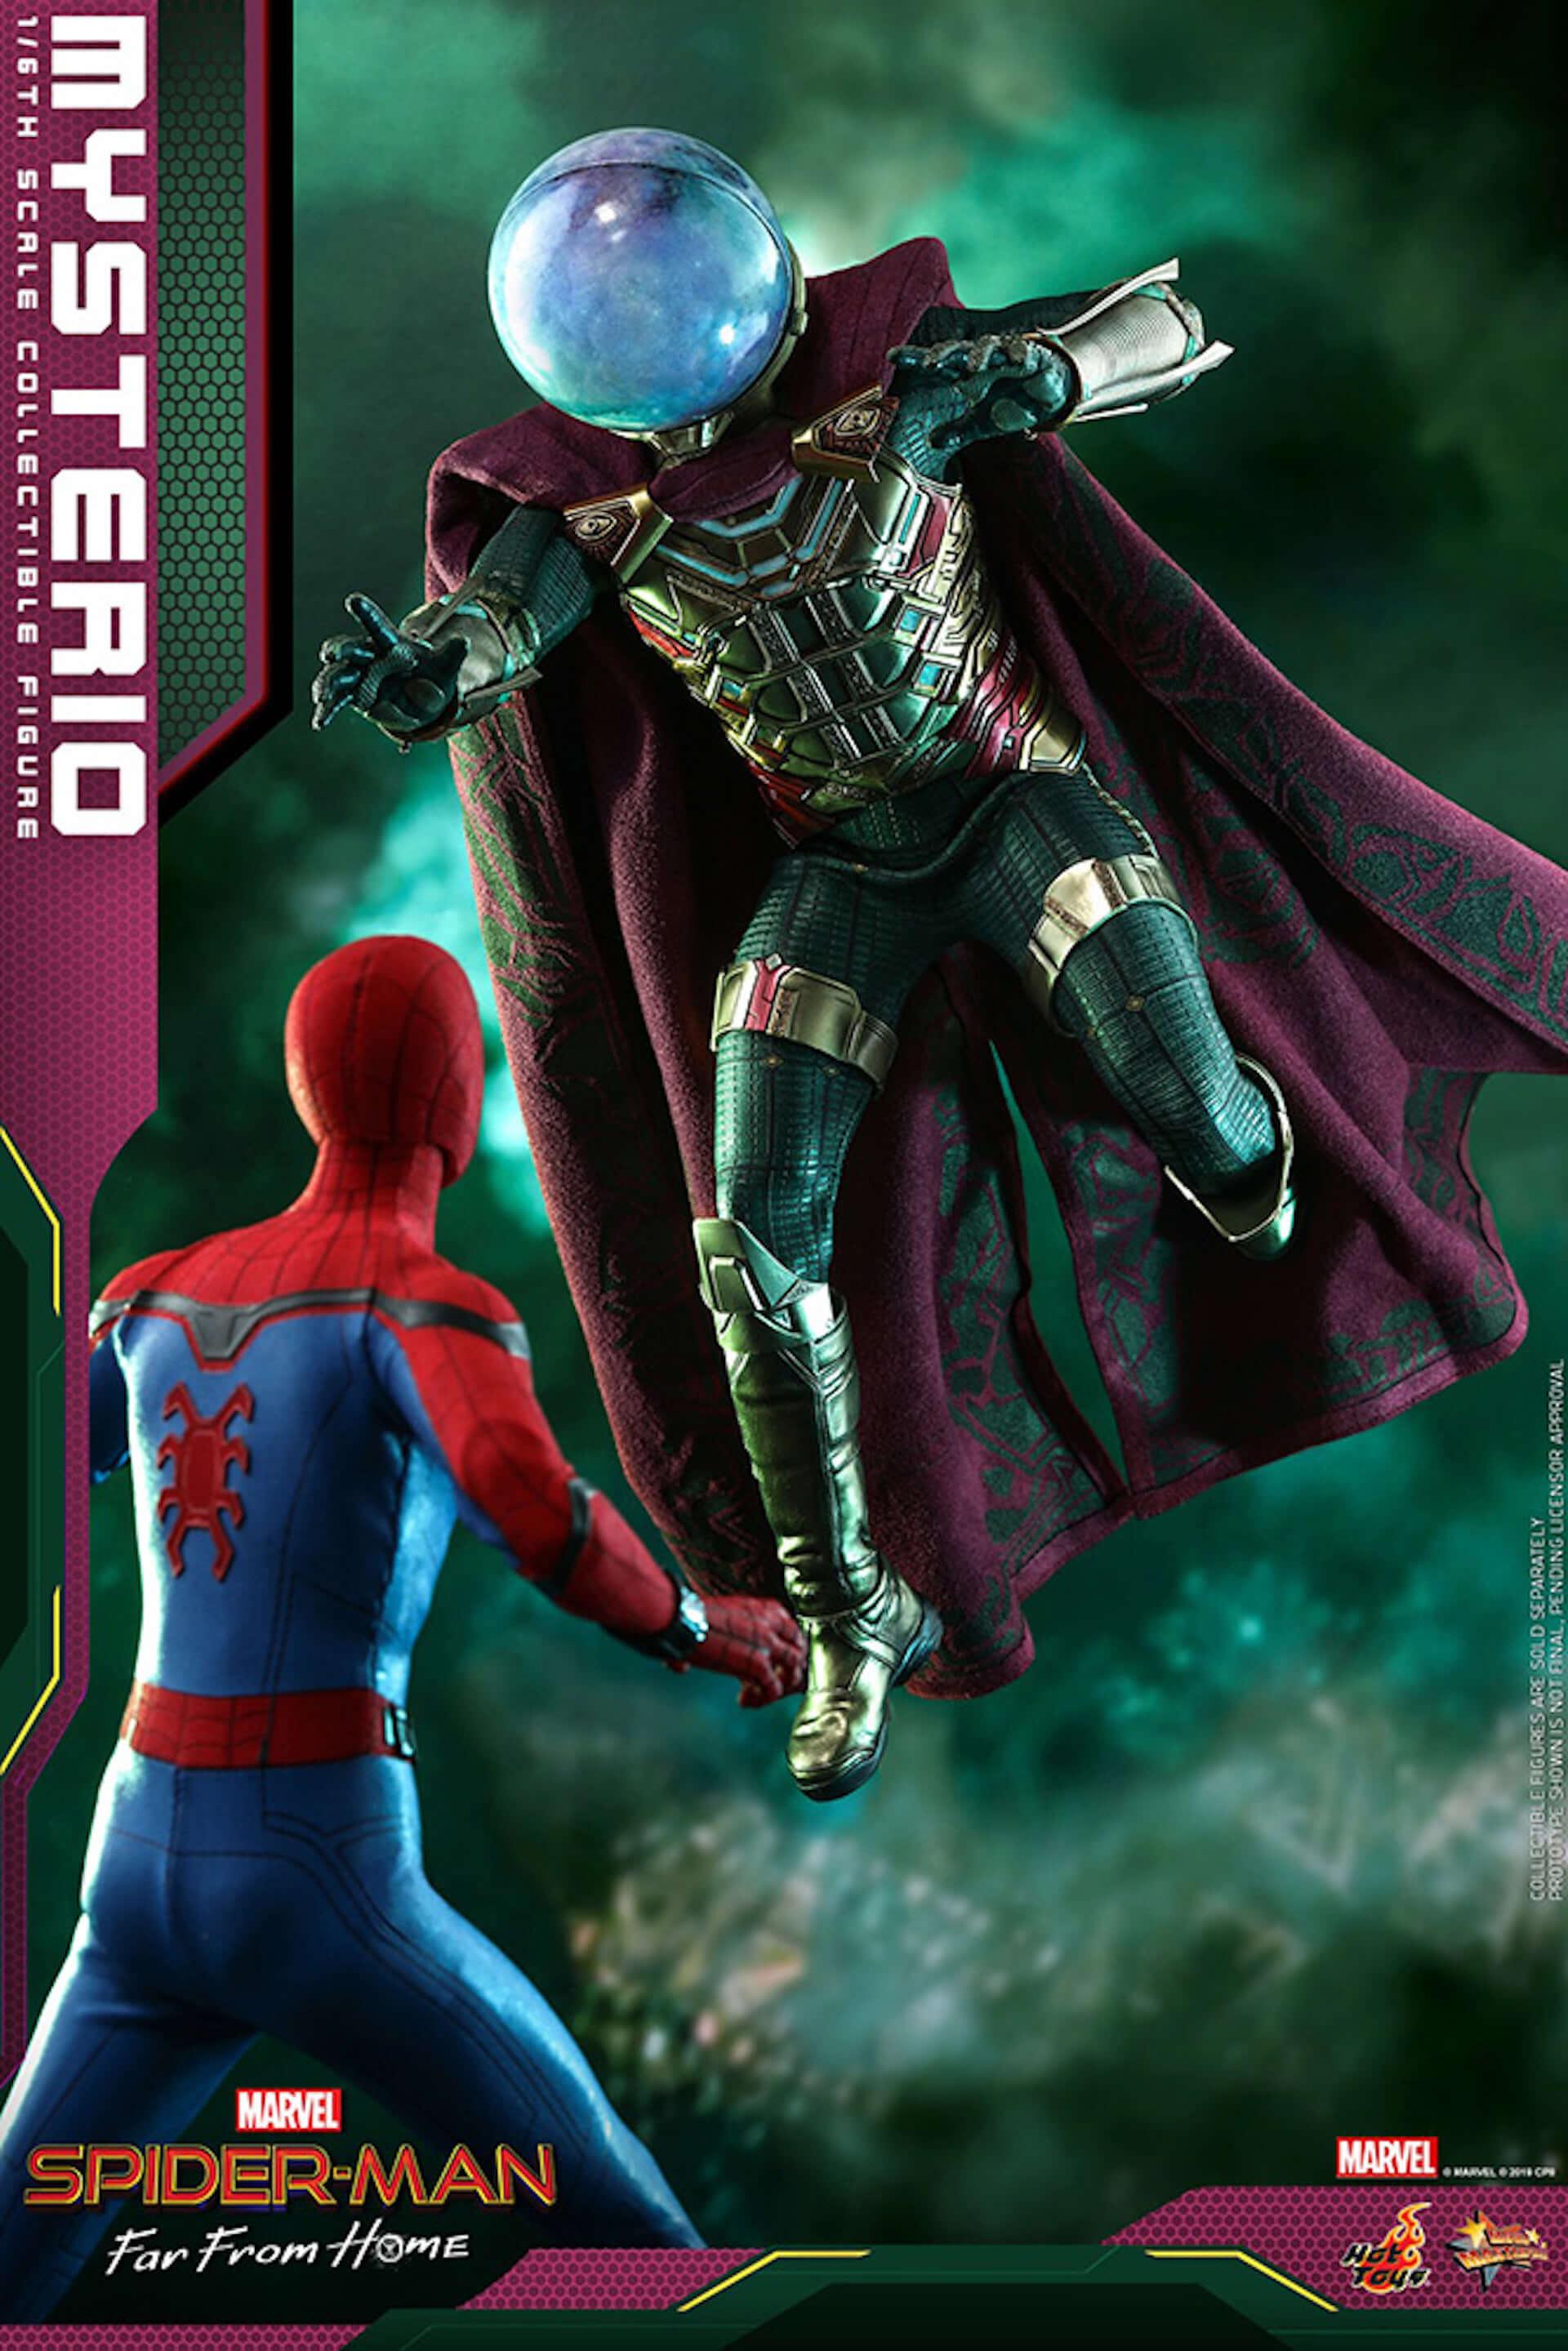 『スパイダーマン:ファー・フロム・ホーム』のミステリオが超リアルなフィギュアとして登場! art190911_sffh_mysterio_hottoys_2-1920x2879